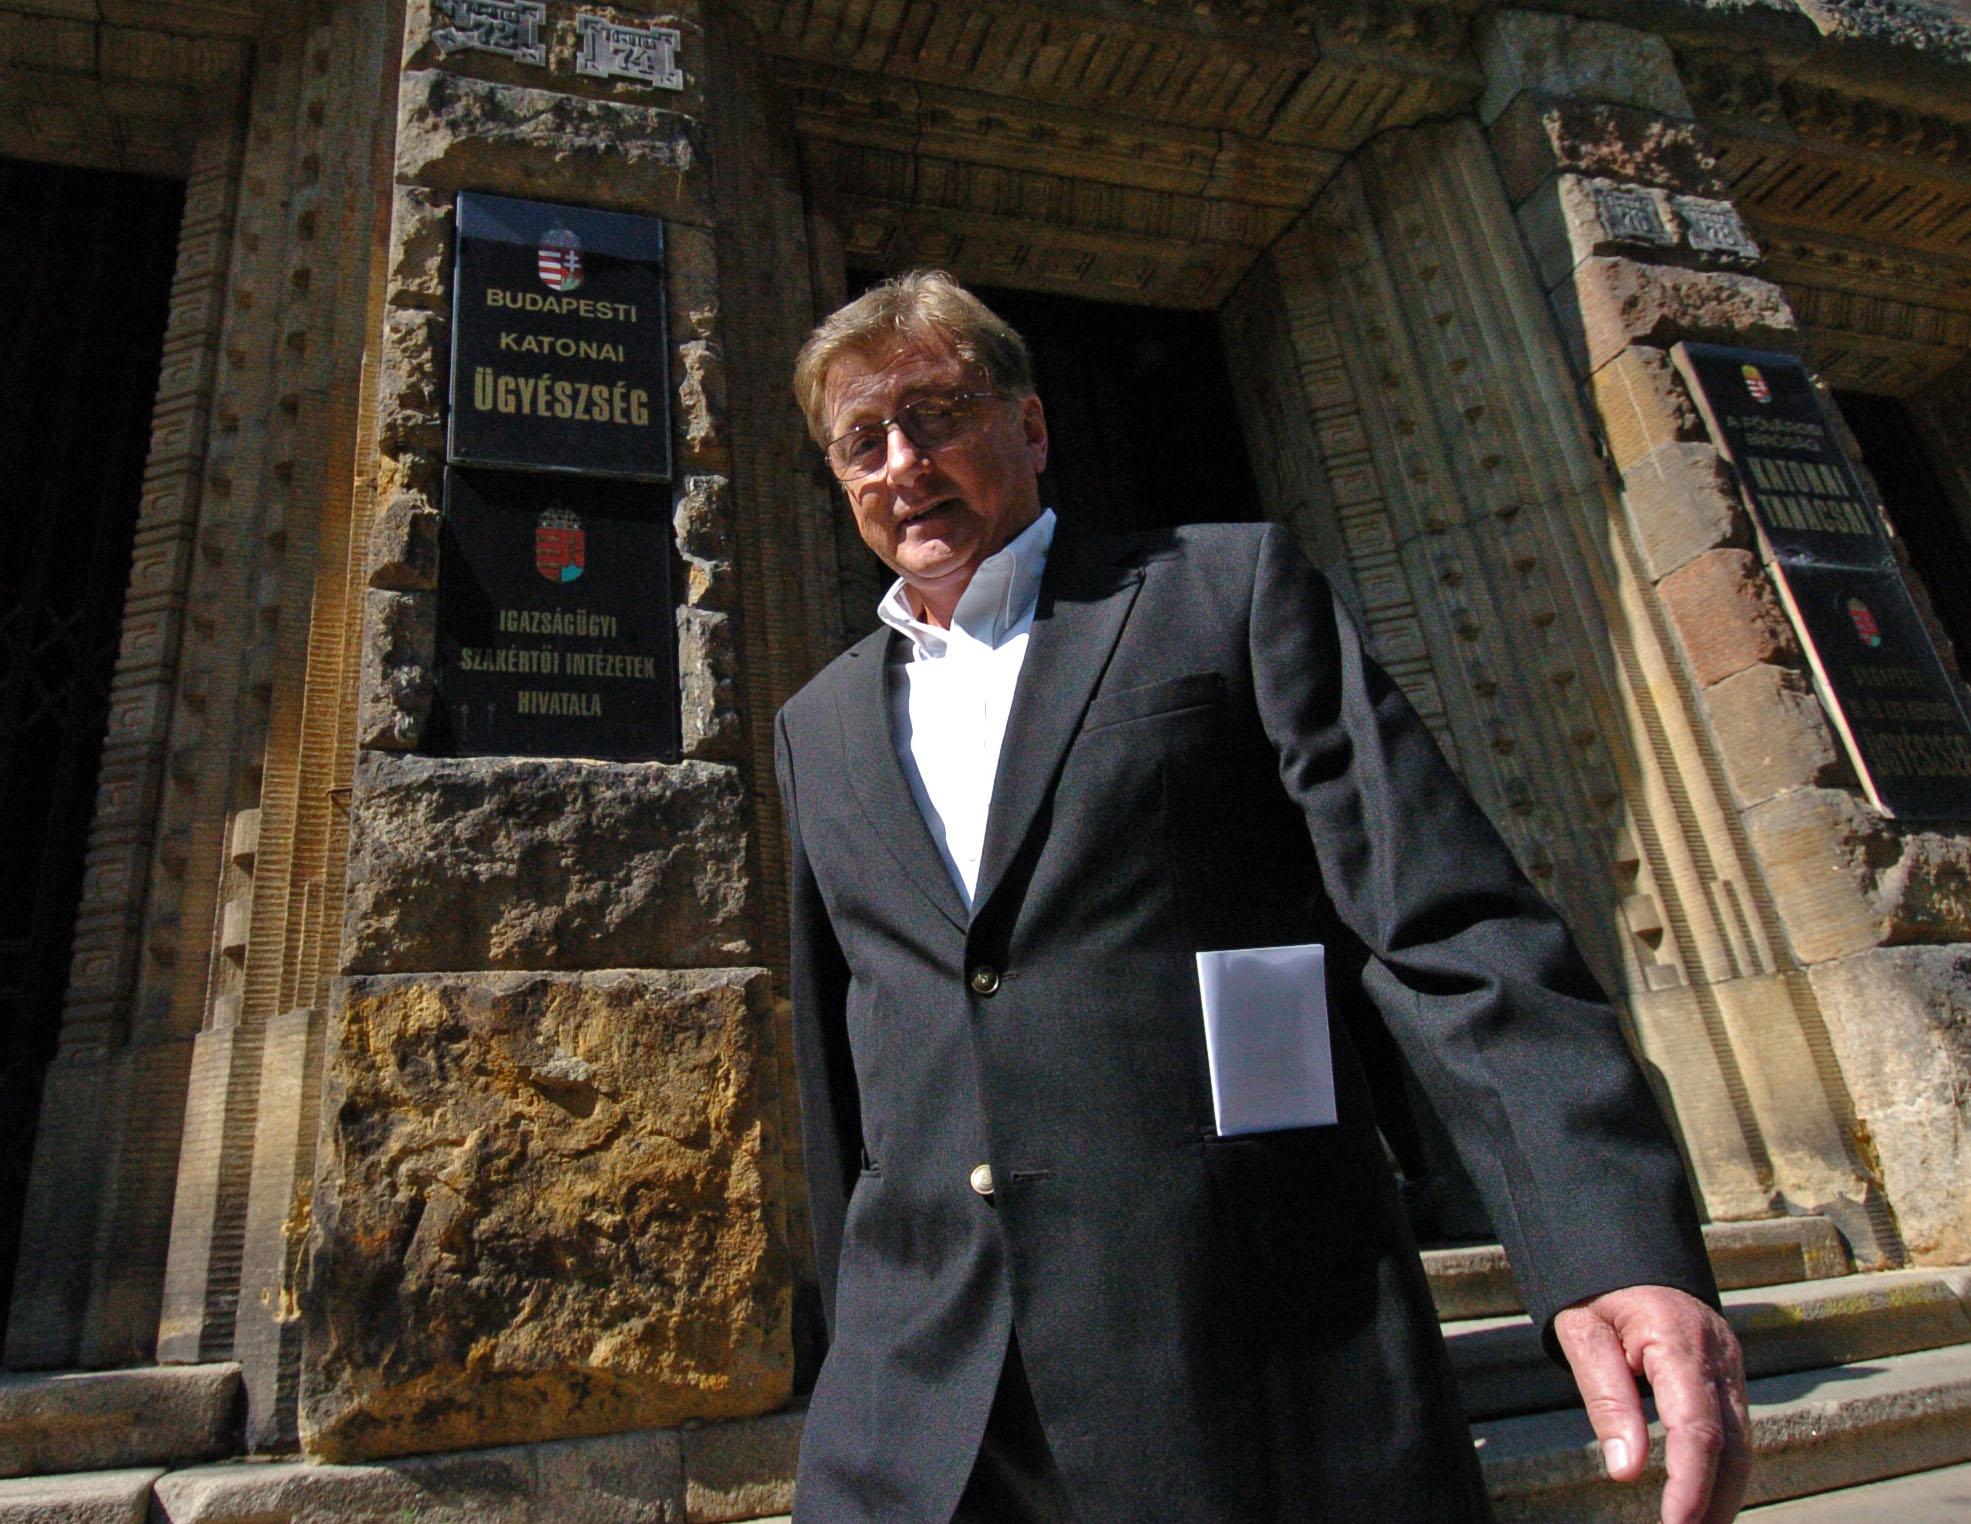 Schönthal Henrik elhagyja a bíróságot, miután kézhez kapta az ítéletet, ami szerint a bróker-ügyben pénzmosással, sikkasztással és magánokirat-hamisítással gyanúsított Schönthal Henriket a Budai Központi Kerületi Bíróság 30 napra házi õrizetbe helyezte / Fotó: MTI